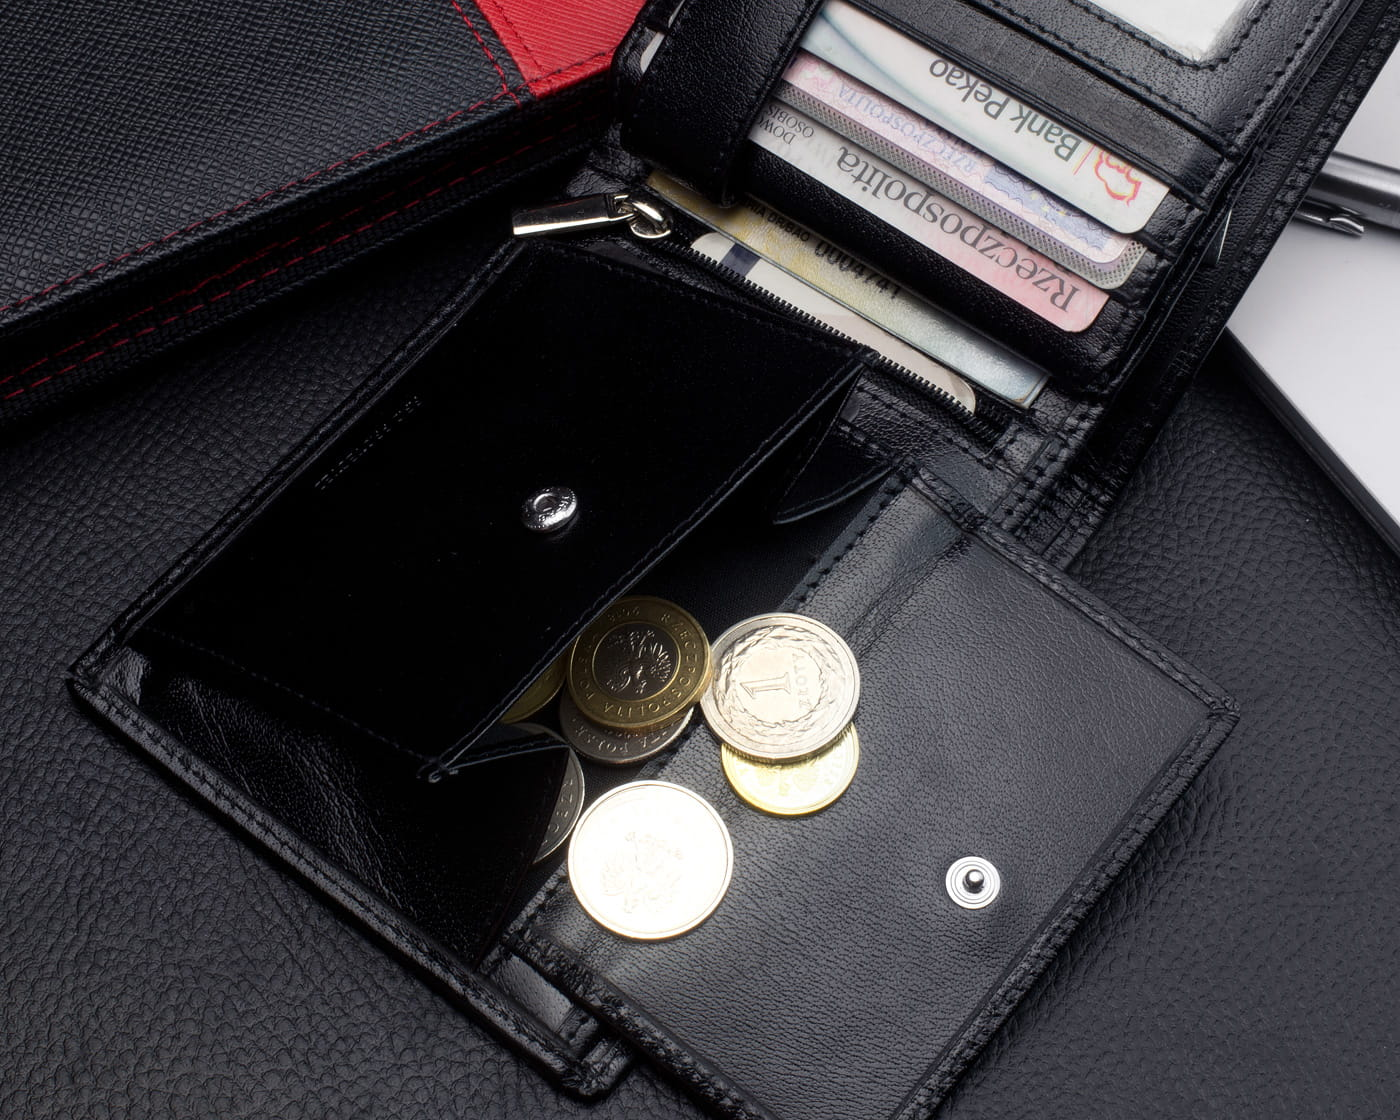 8641e6e0e9921 Kochmanski skórzany portfel męski PREMIUM 3030 Skorzany.com